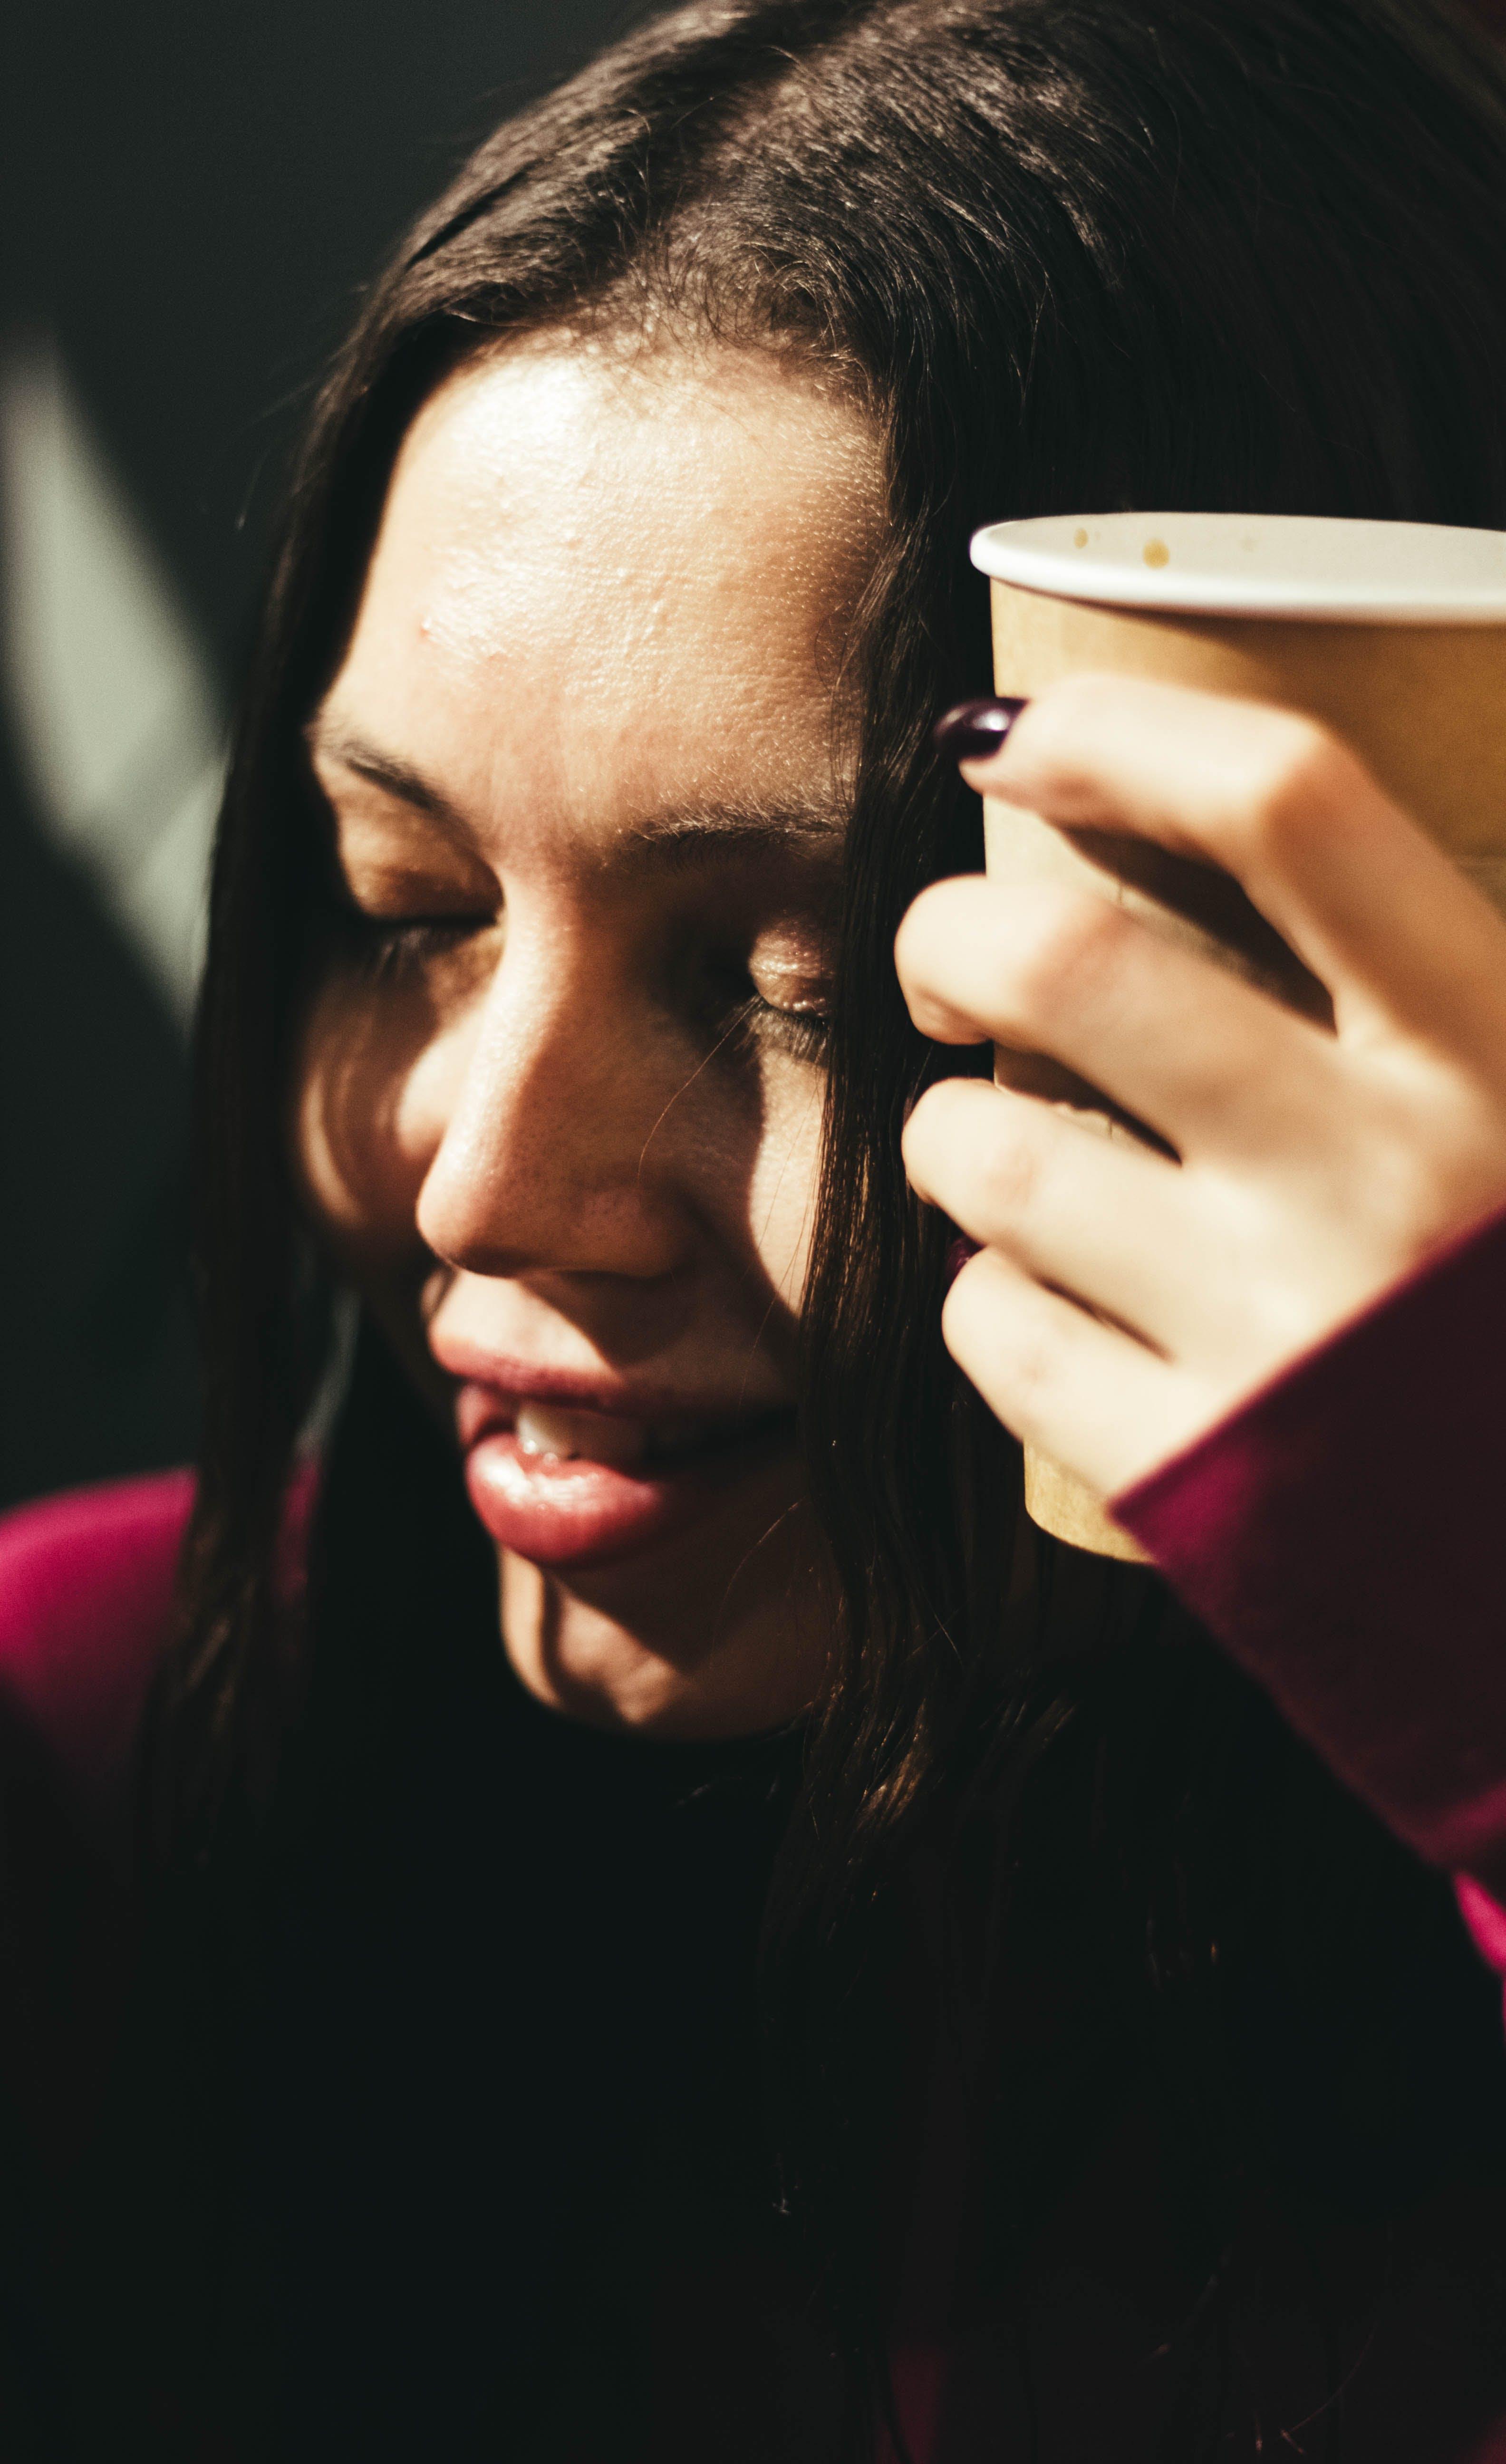 インドア, カップ, コーヒー, ダークの無料の写真素材